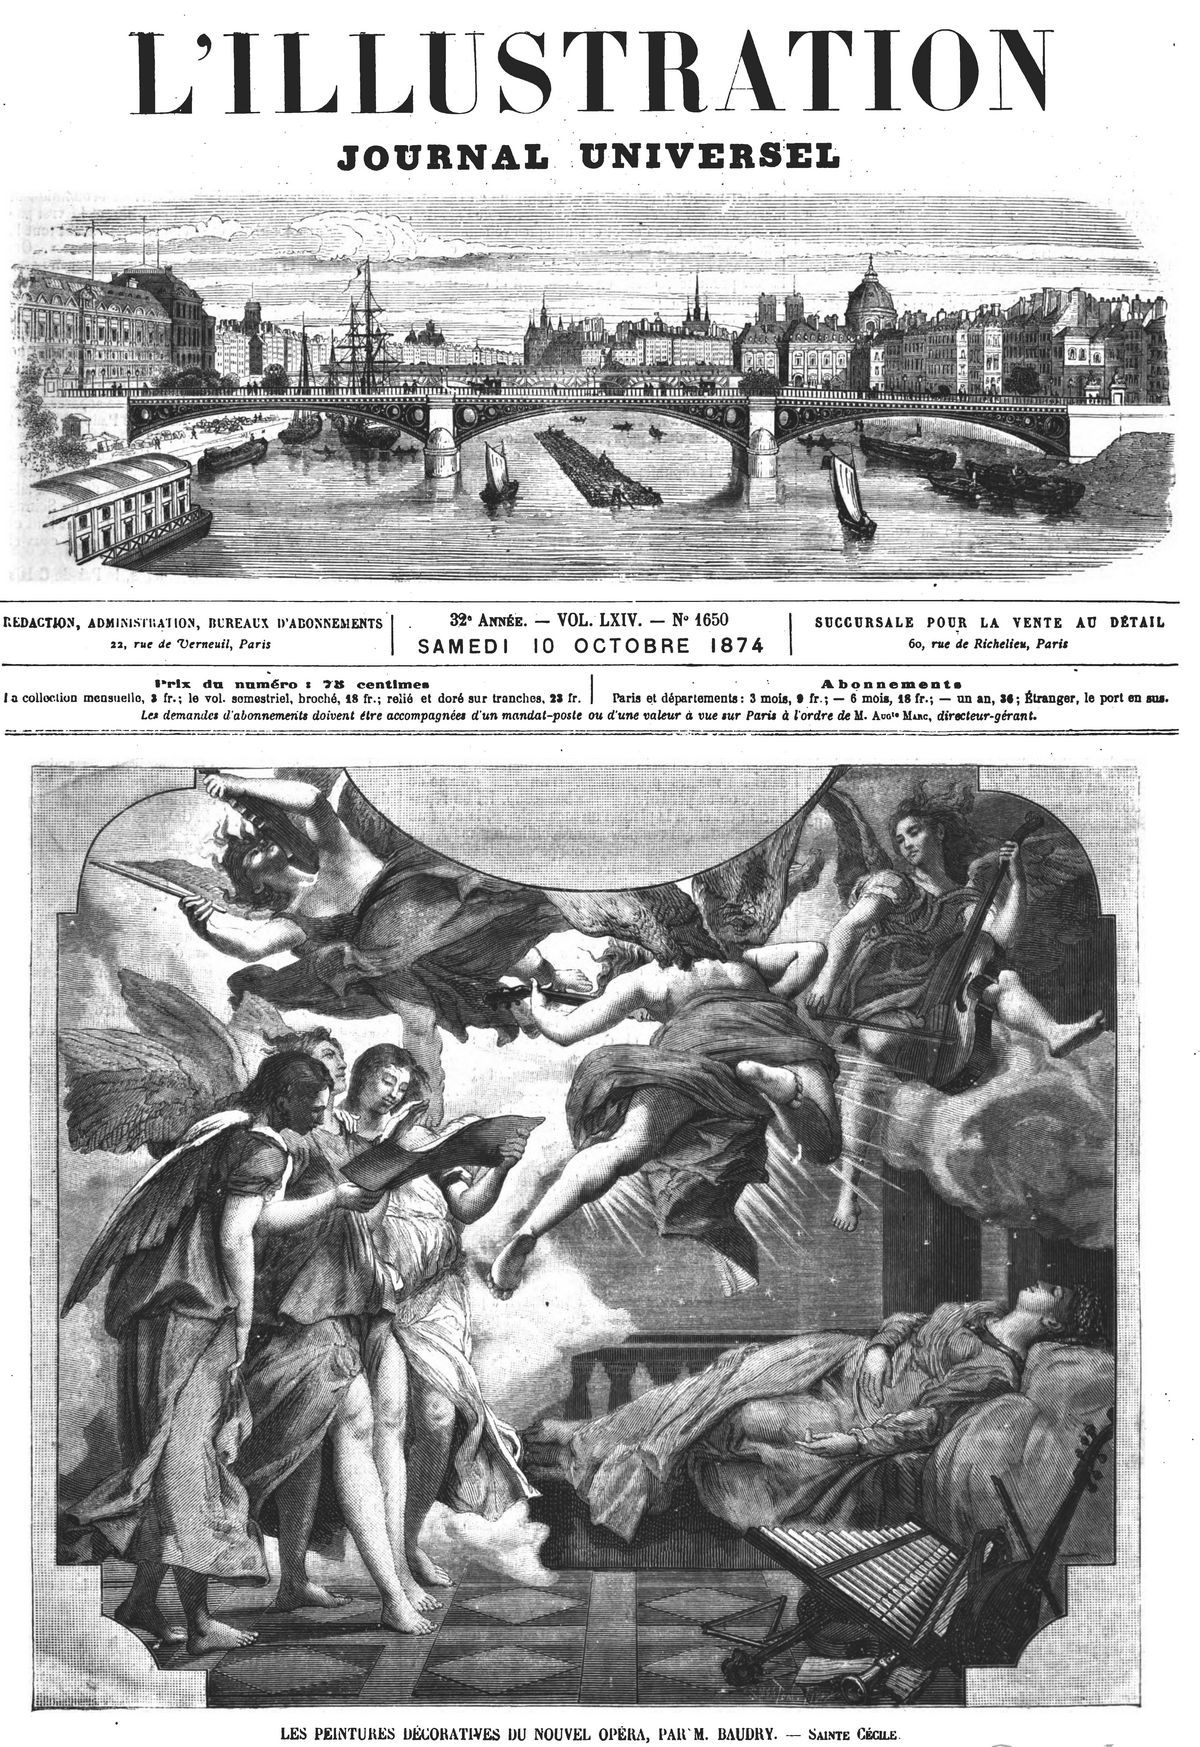 Les peintures décoratives du nouvel Opéra : sainte Cécile. Gravure 1874